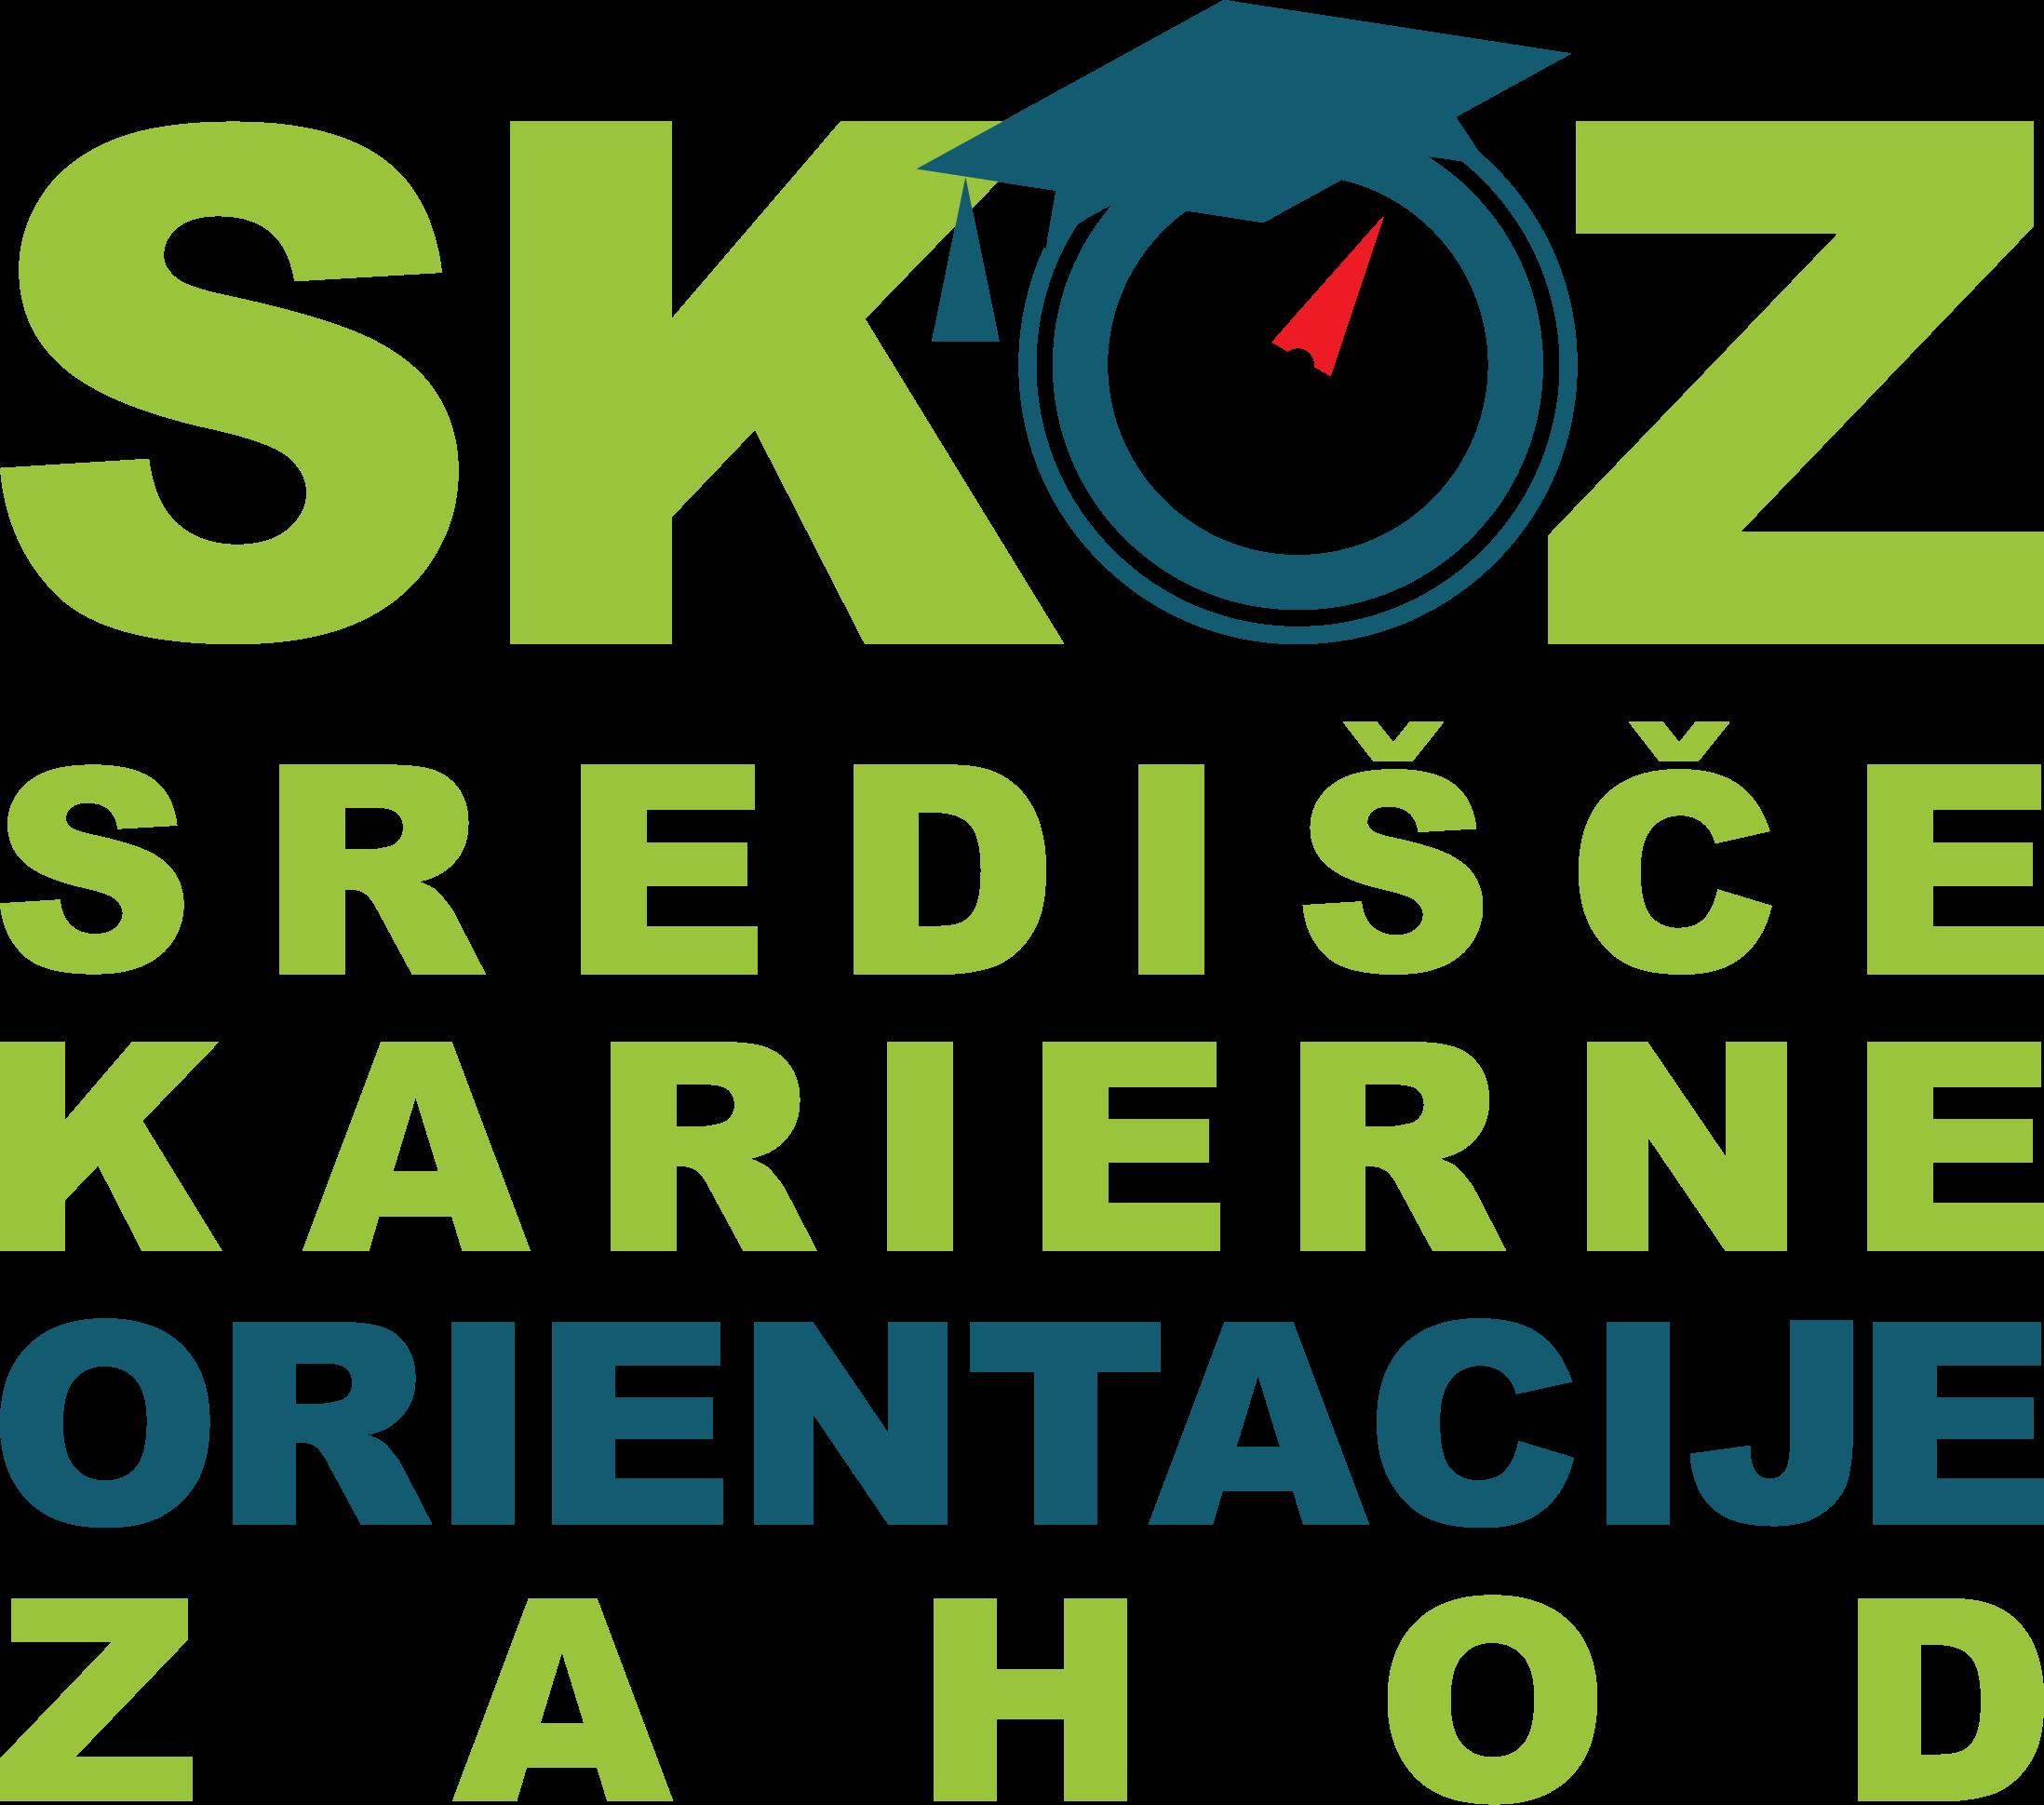 SKOZ - središče karierena orientacije zahod